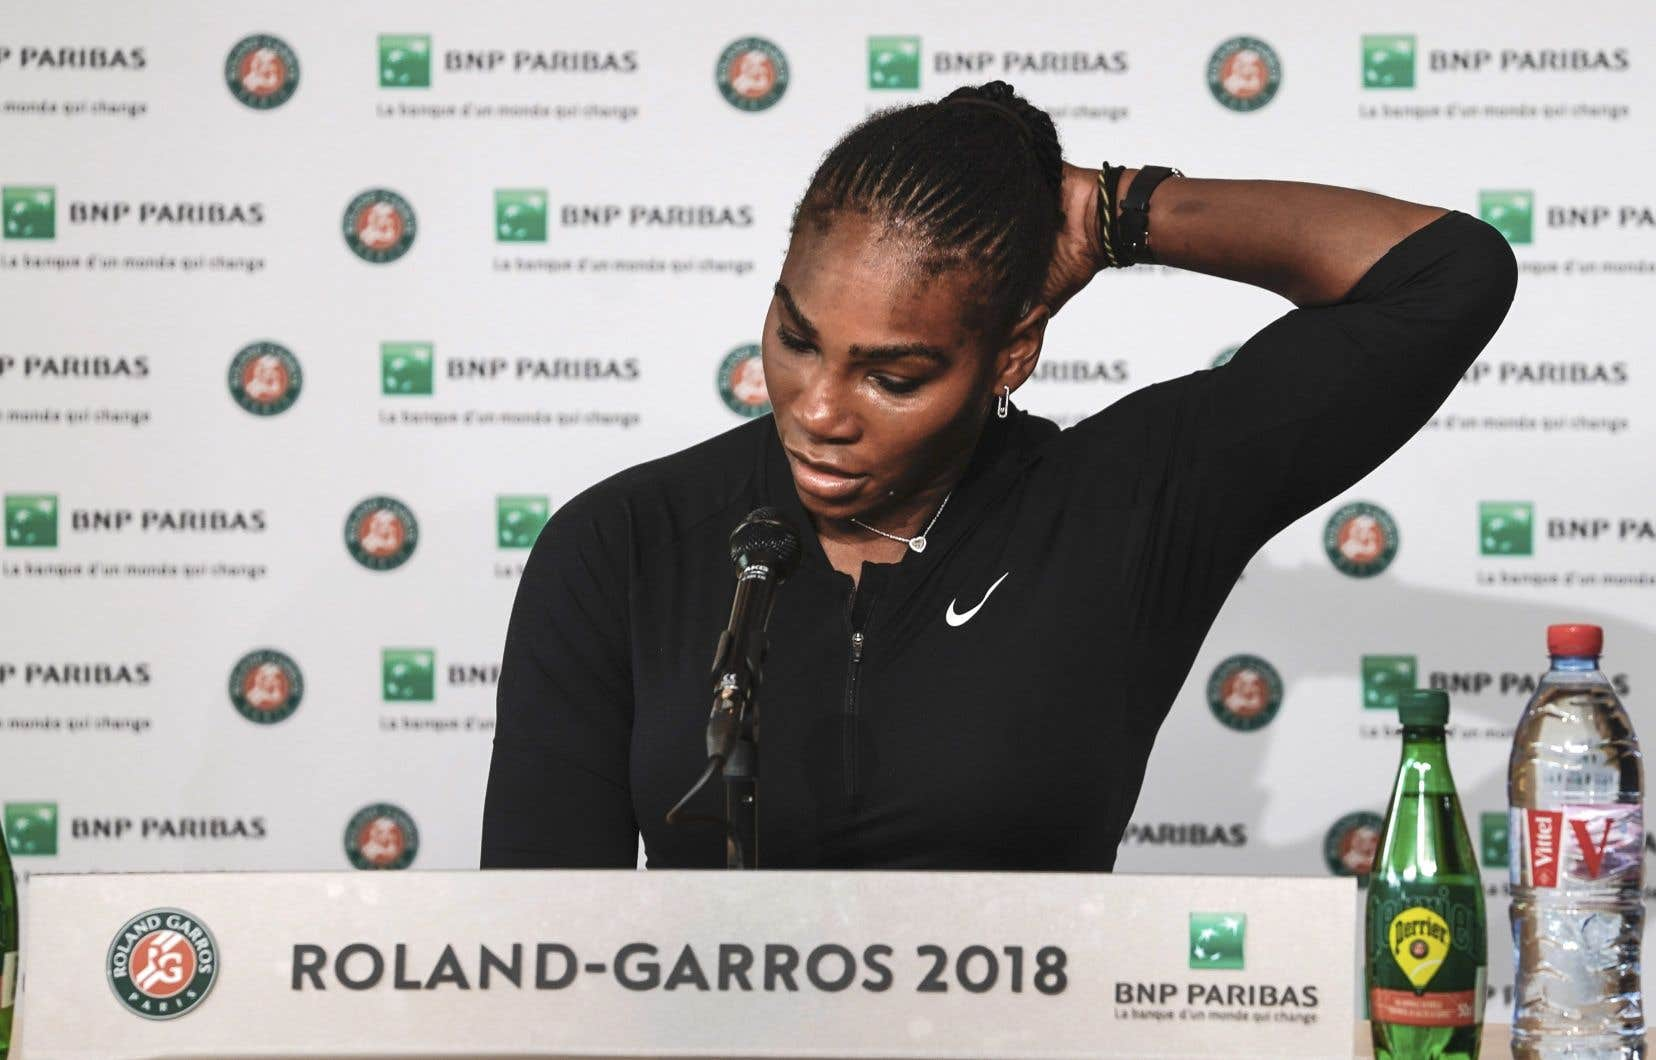 Williams, détentrice de 23 titres en simple féminin de tournois du Grand Chelem, s'est retirée de la compétition en raison d'une blessure à la poitrine.